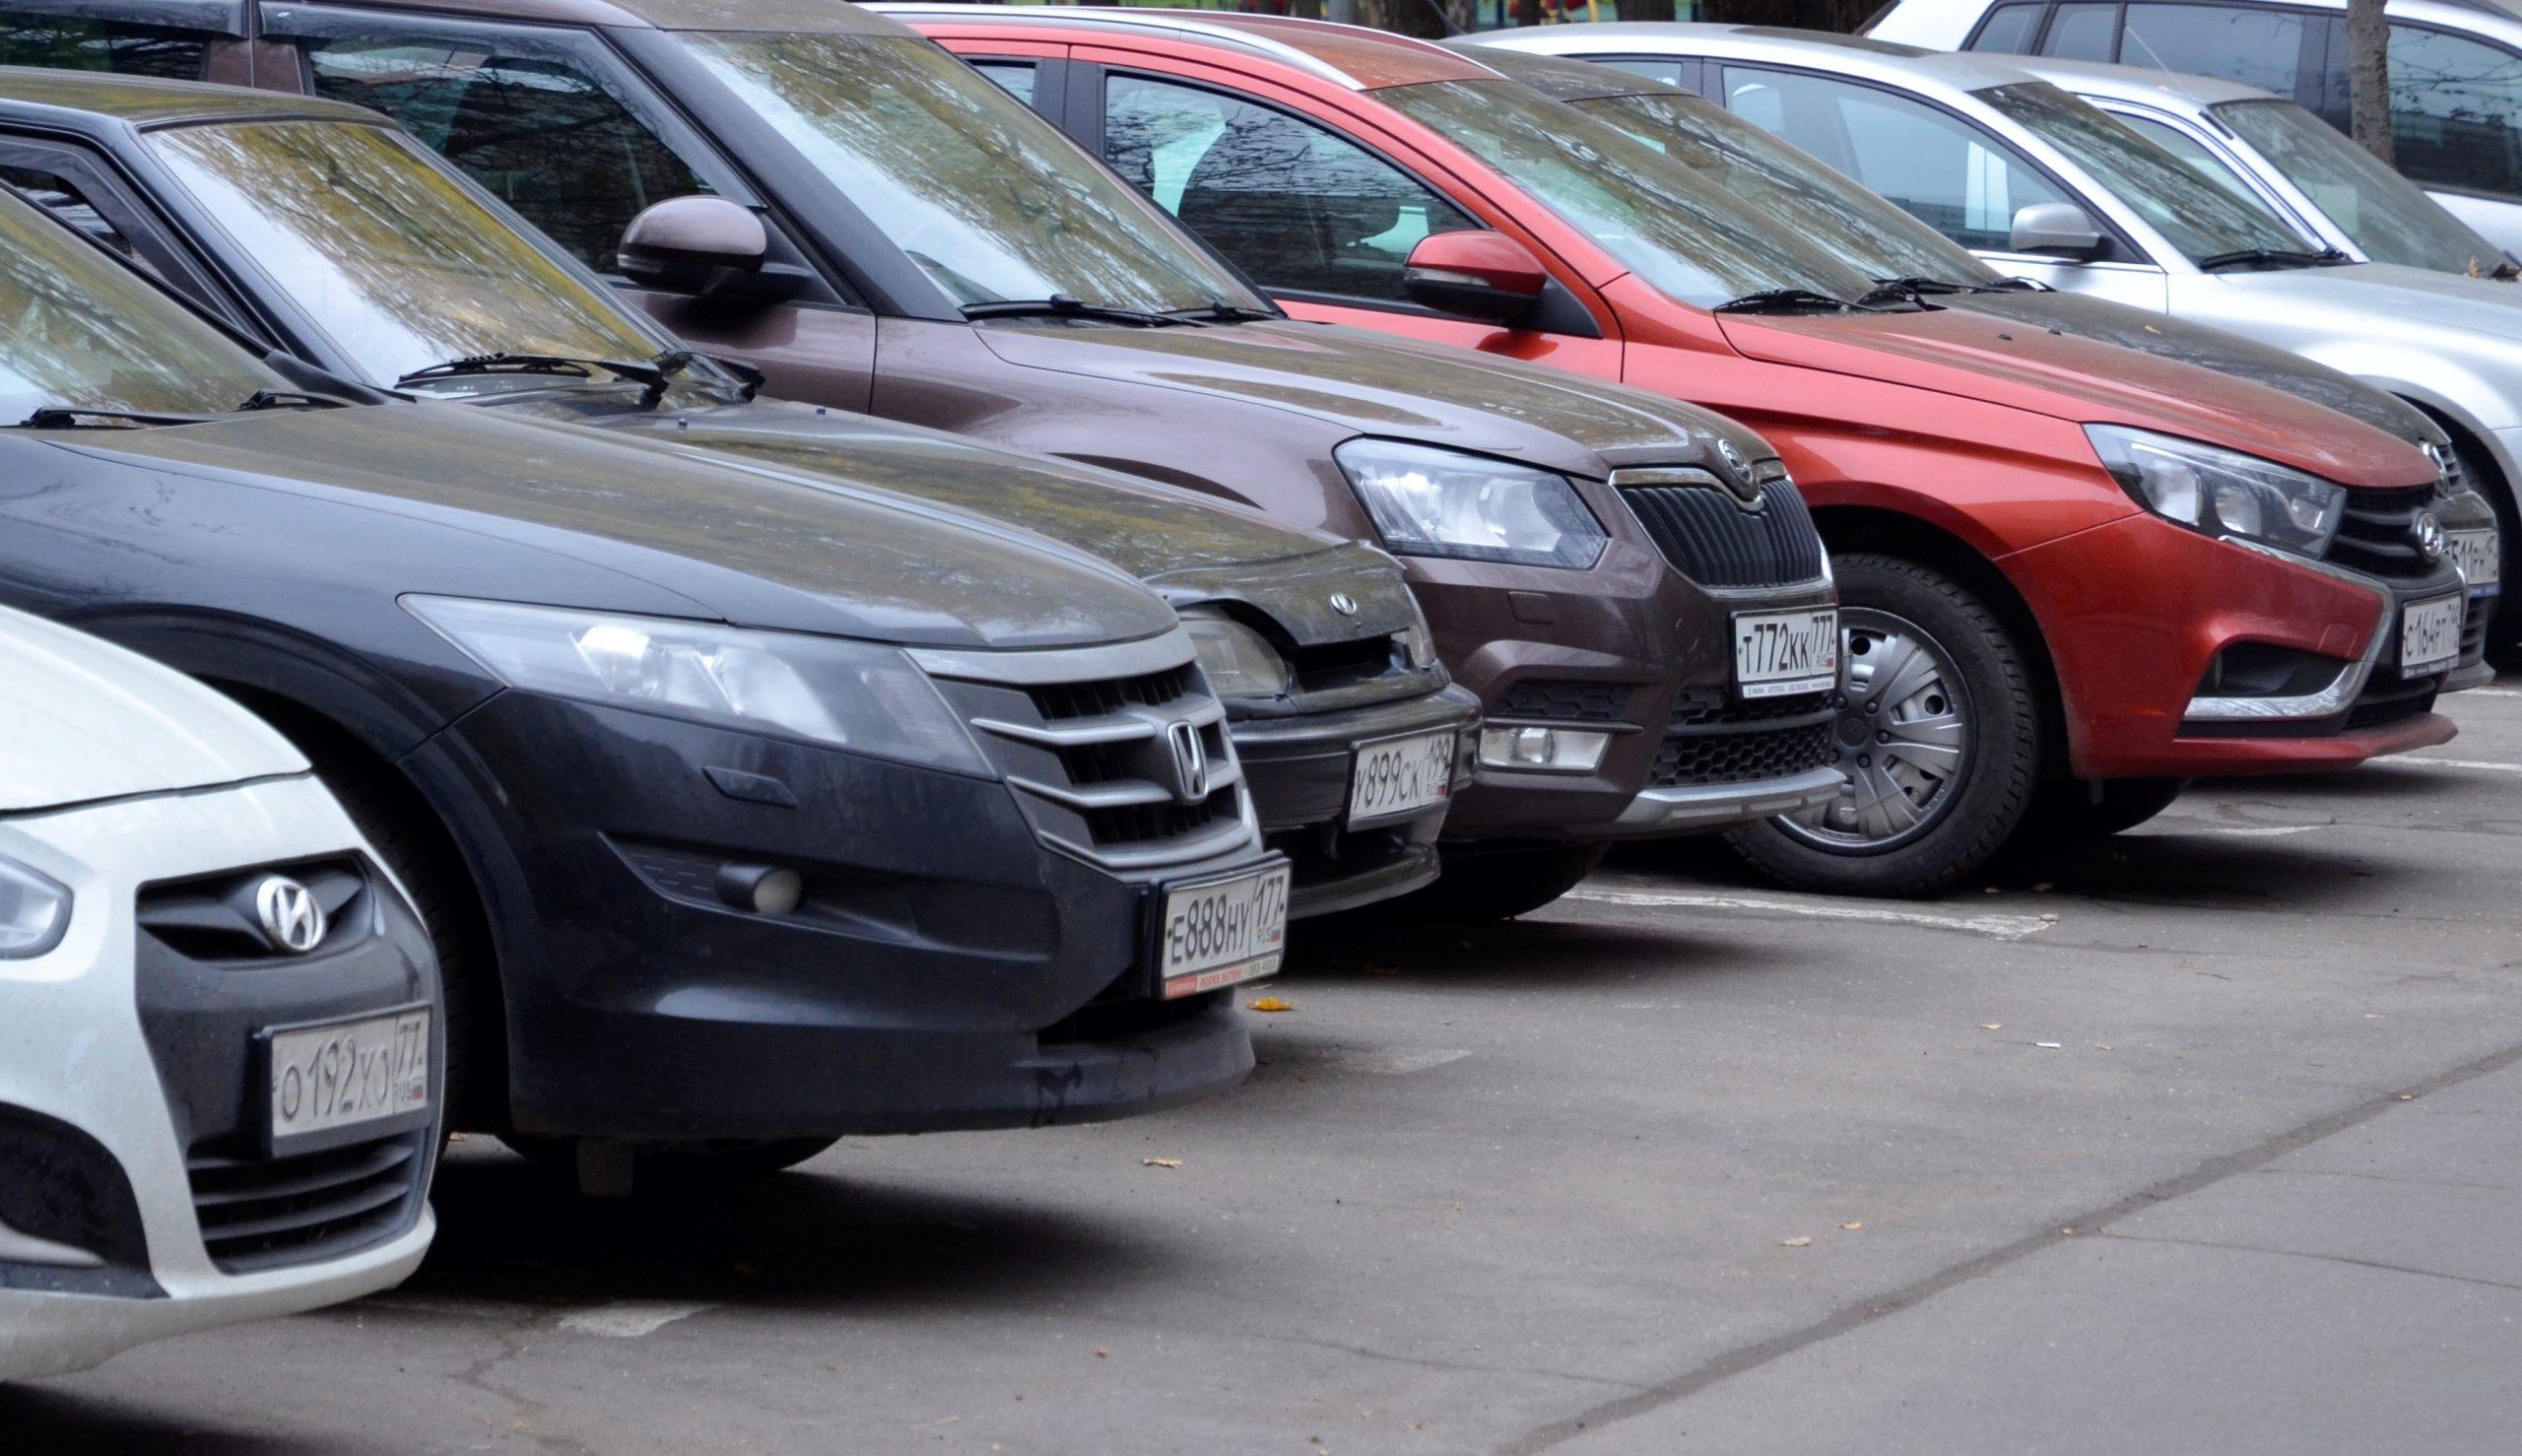 Аукцион на 32 парковочных места объявили в районе Москворечье-Сабурово